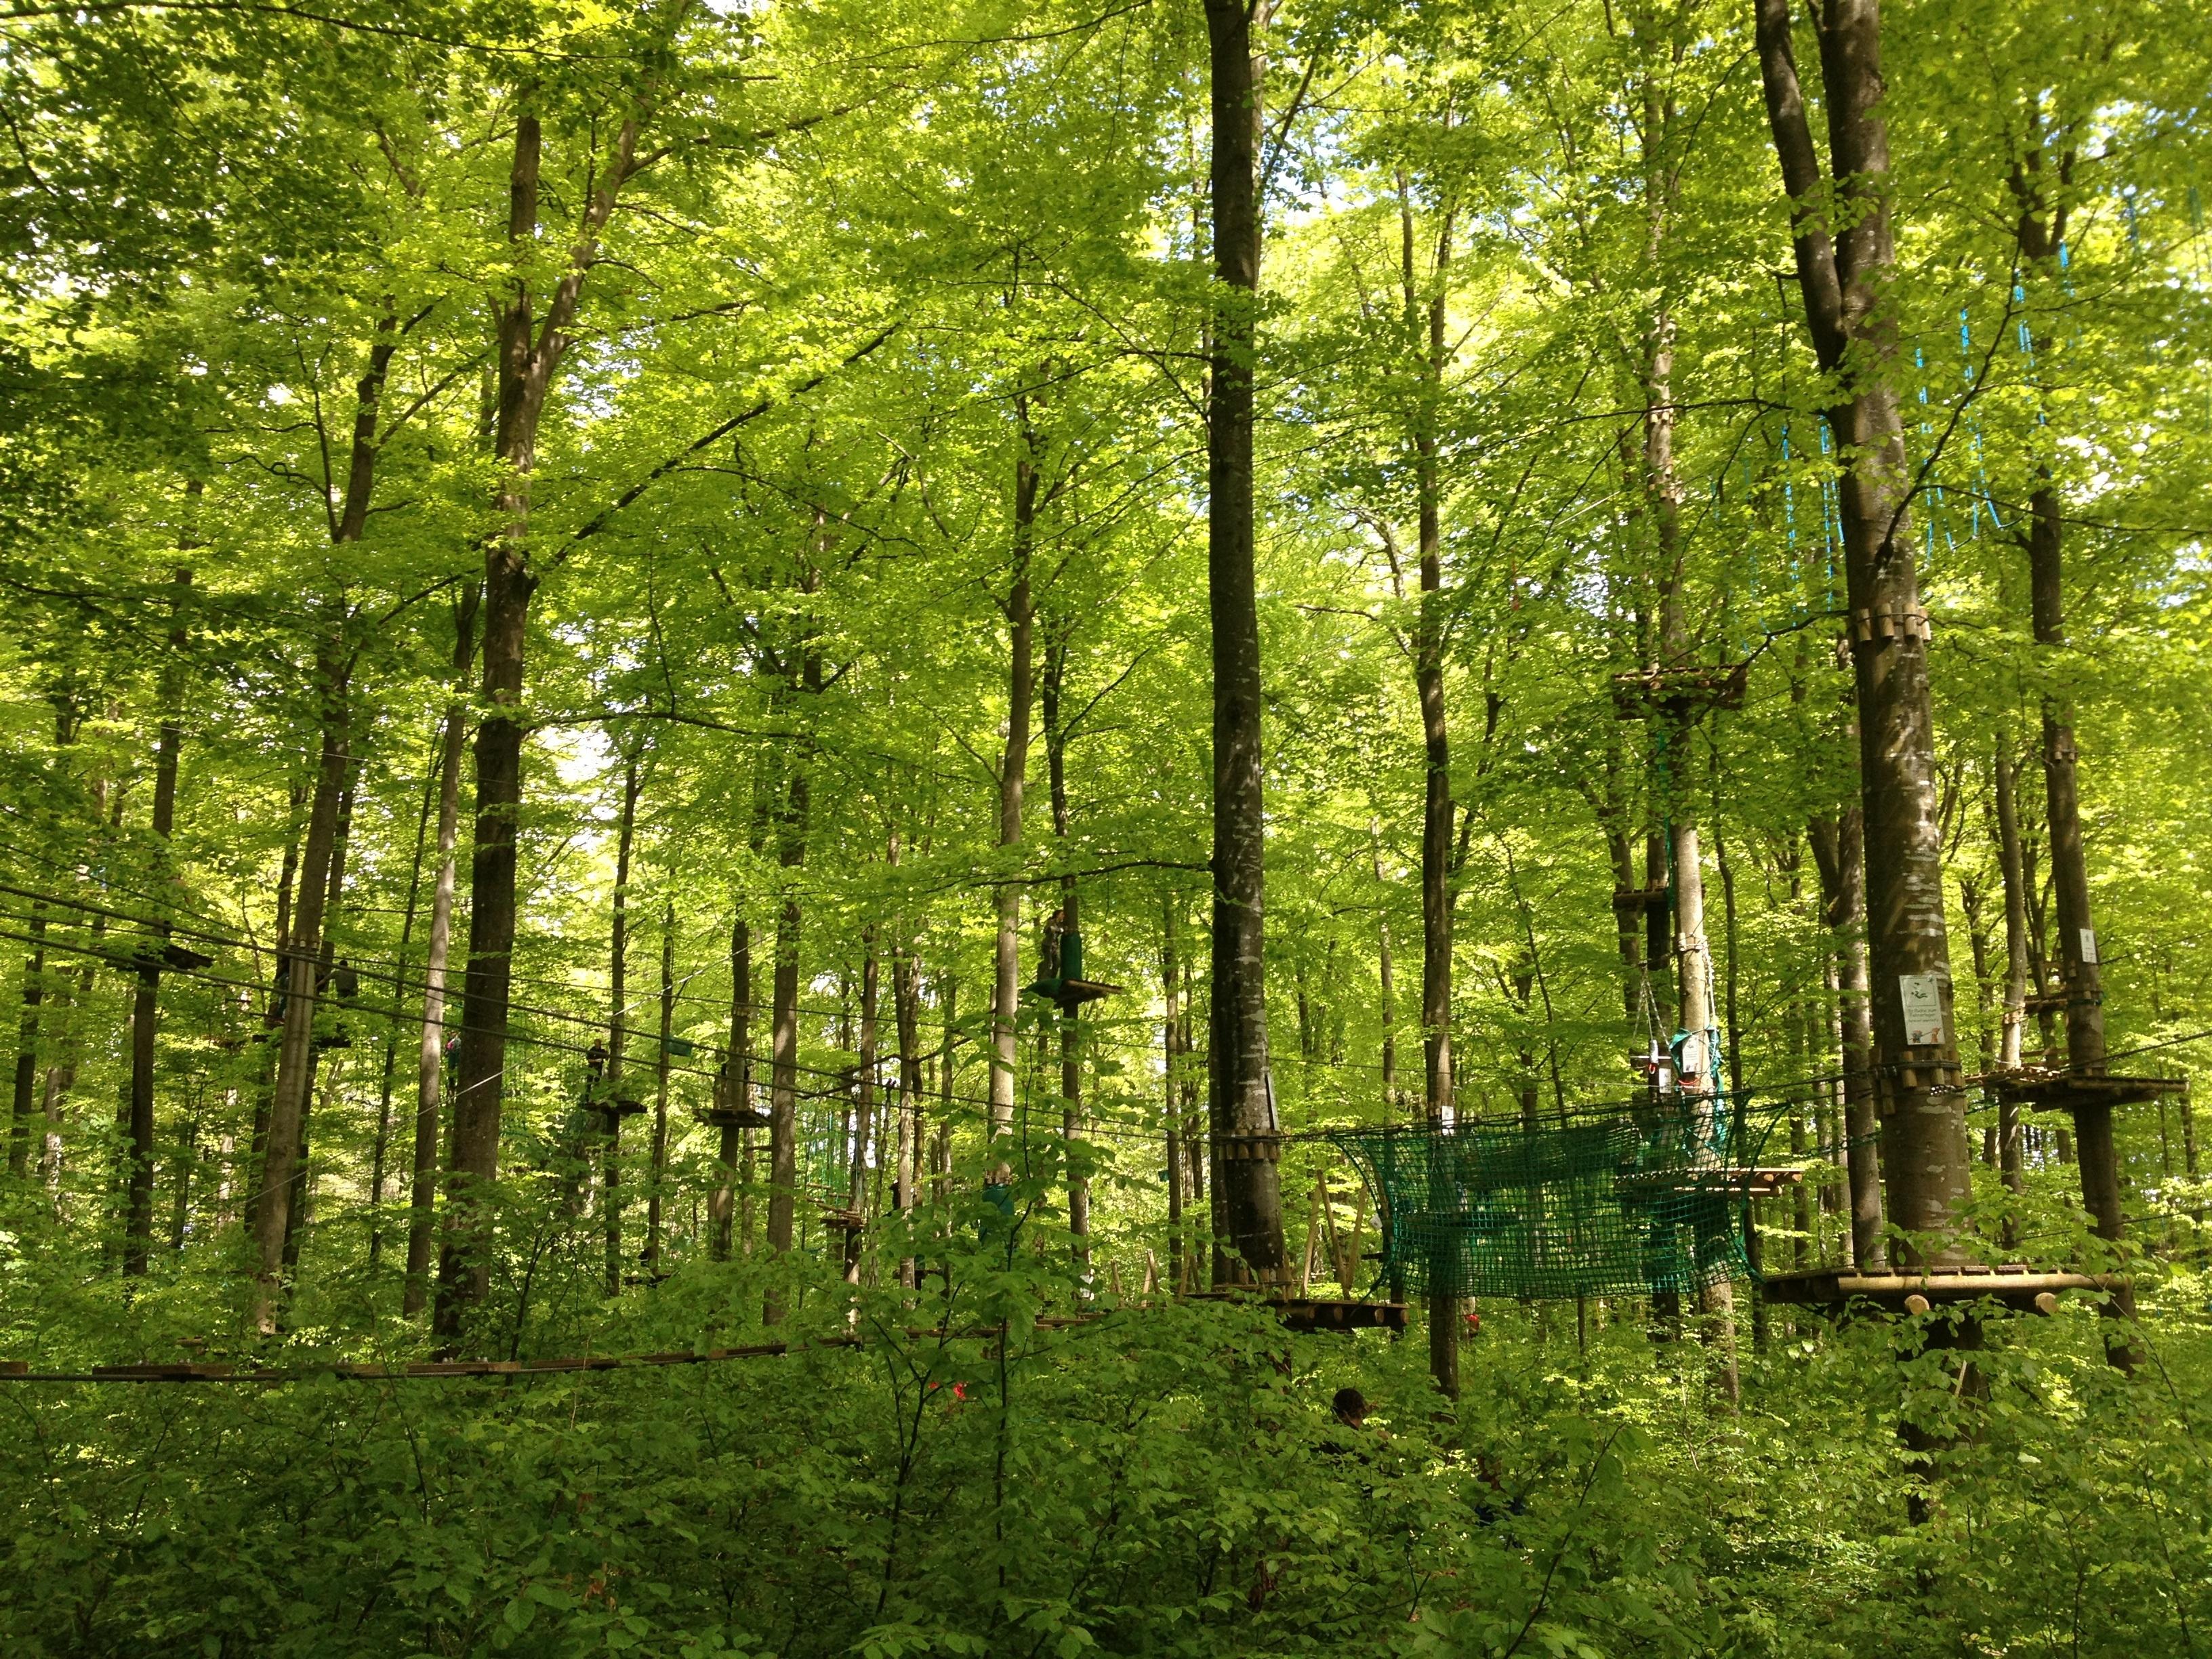 взносы лиственный лес картинки для презентации подчеркнула, что